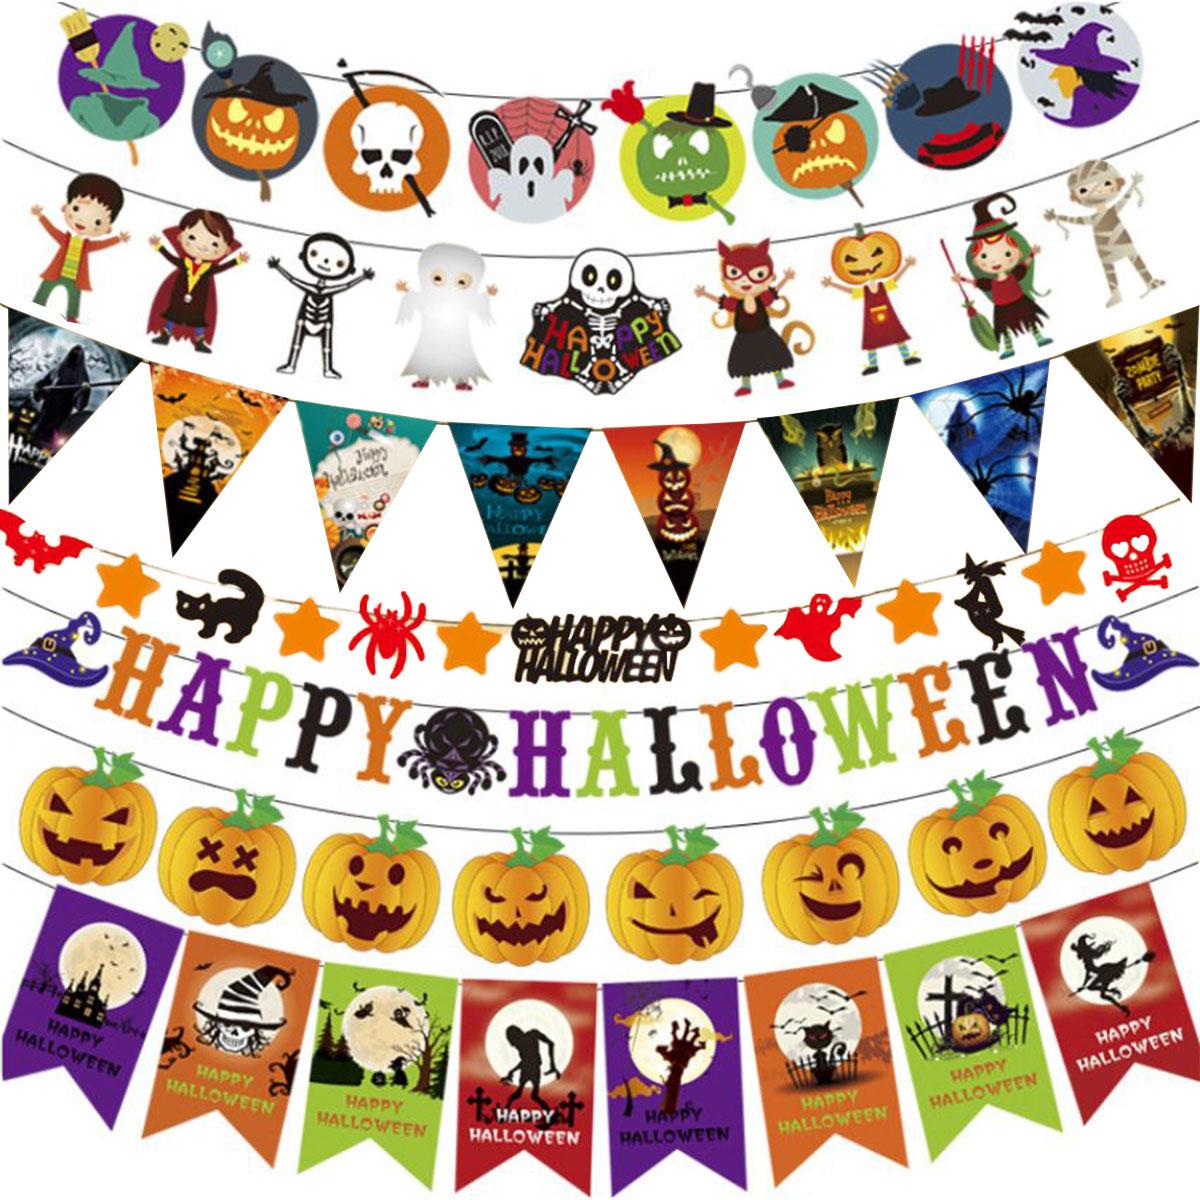 期間限定の激安セール 送料無料(一部地域を除く) ハロウィン 装飾 ガーランド 壁 飾り パーティー デコレーション かぼちゃ 飾り付け ハロウィングッズ